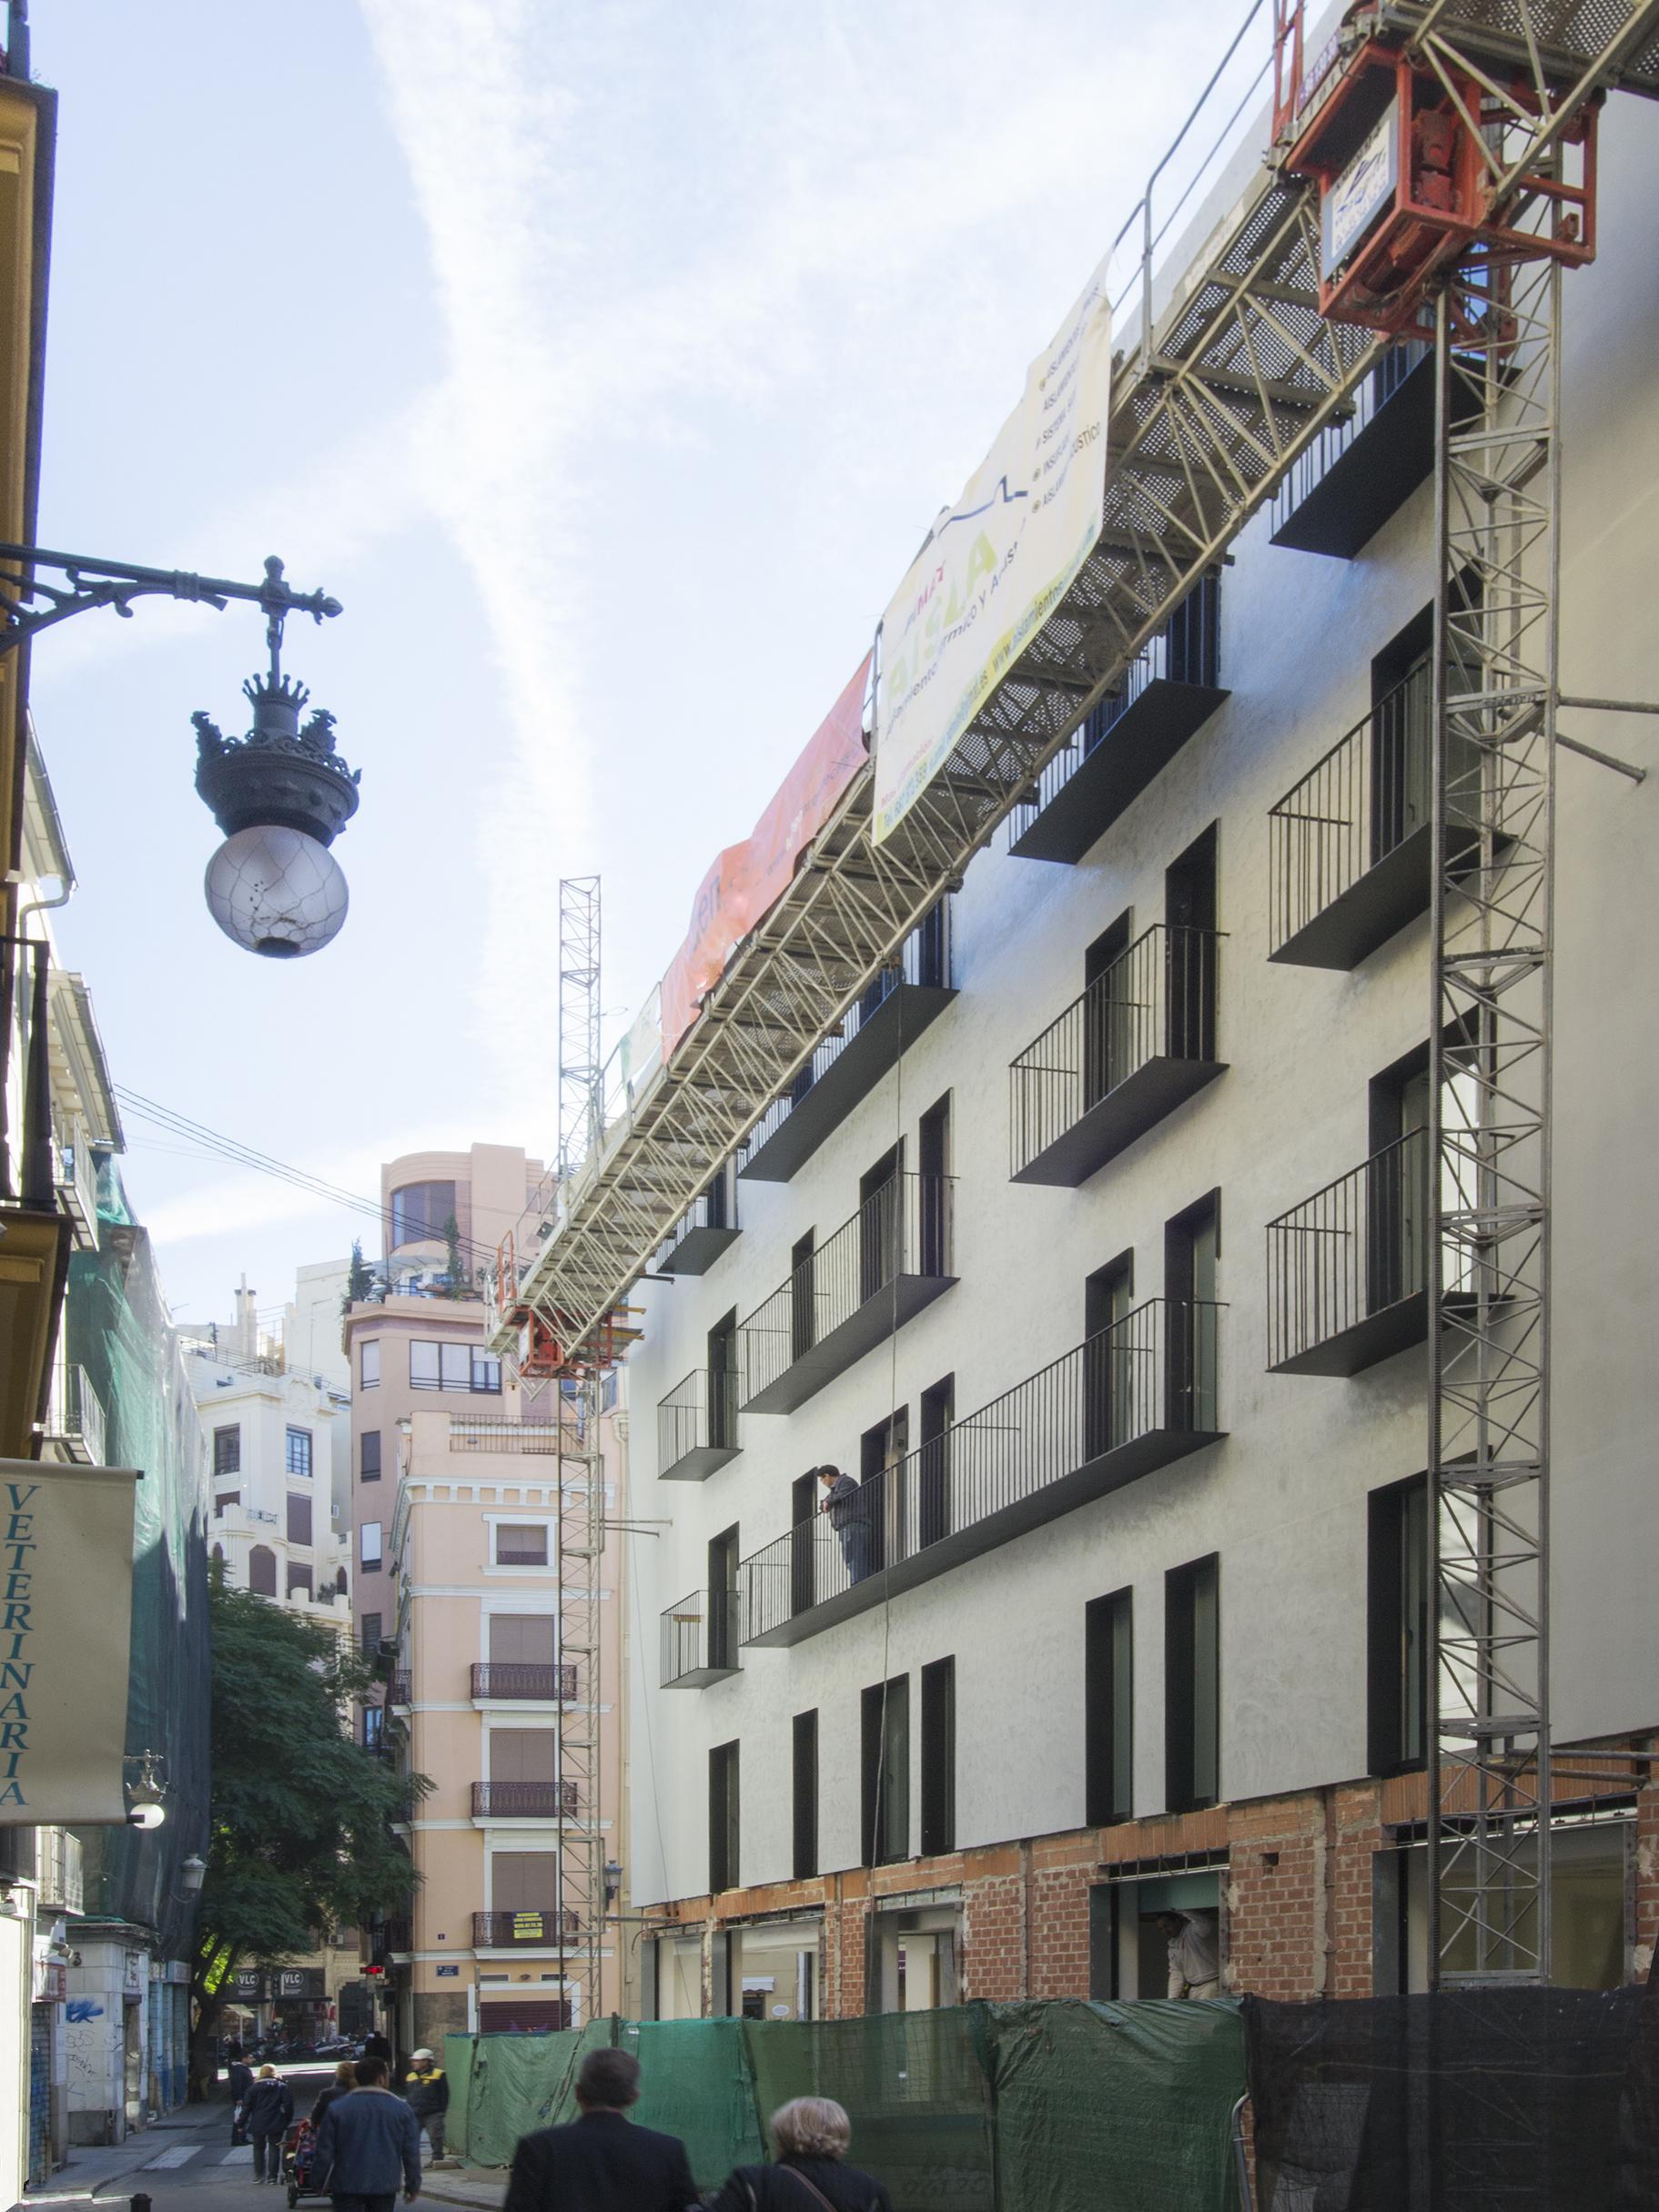 PV_EXT_M_along-street-construction_3x4_2500px_72DPI.jpg